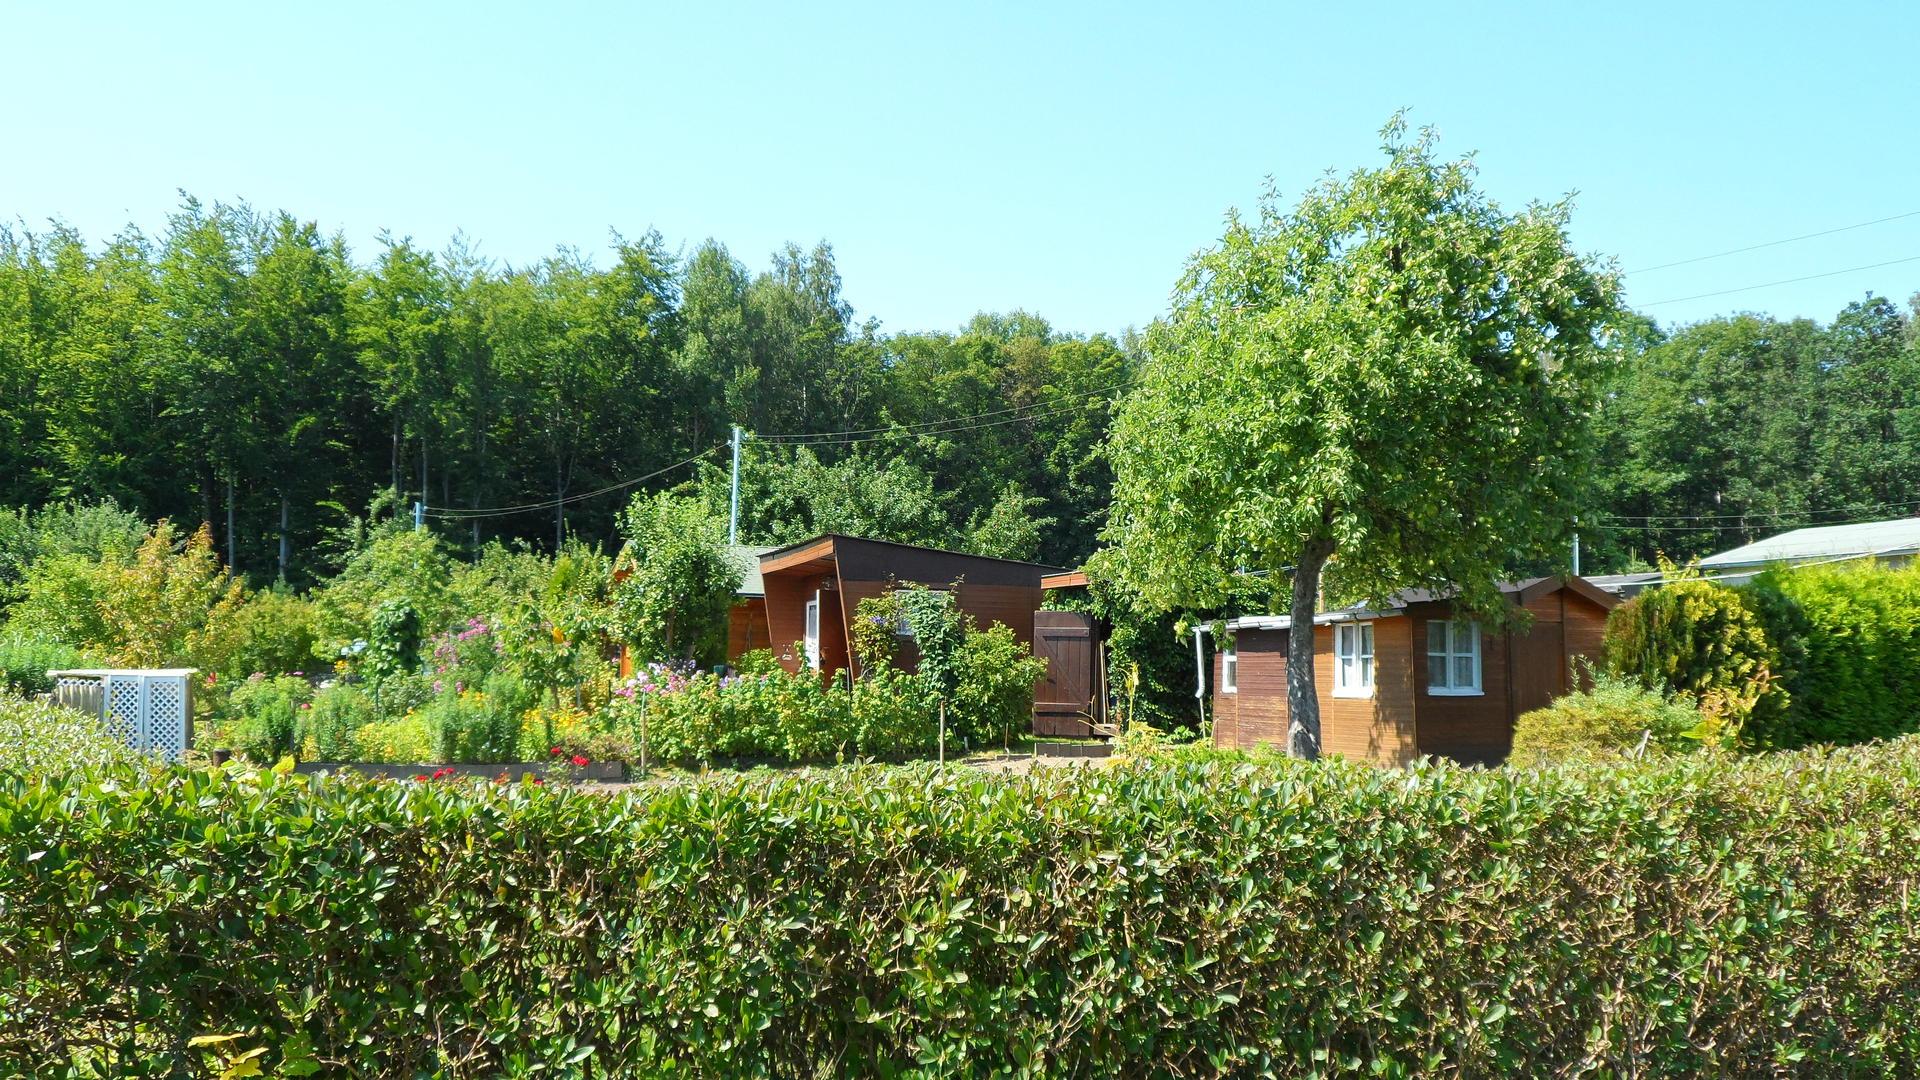 Kleingartenpark Eigener Fleiß e.V.